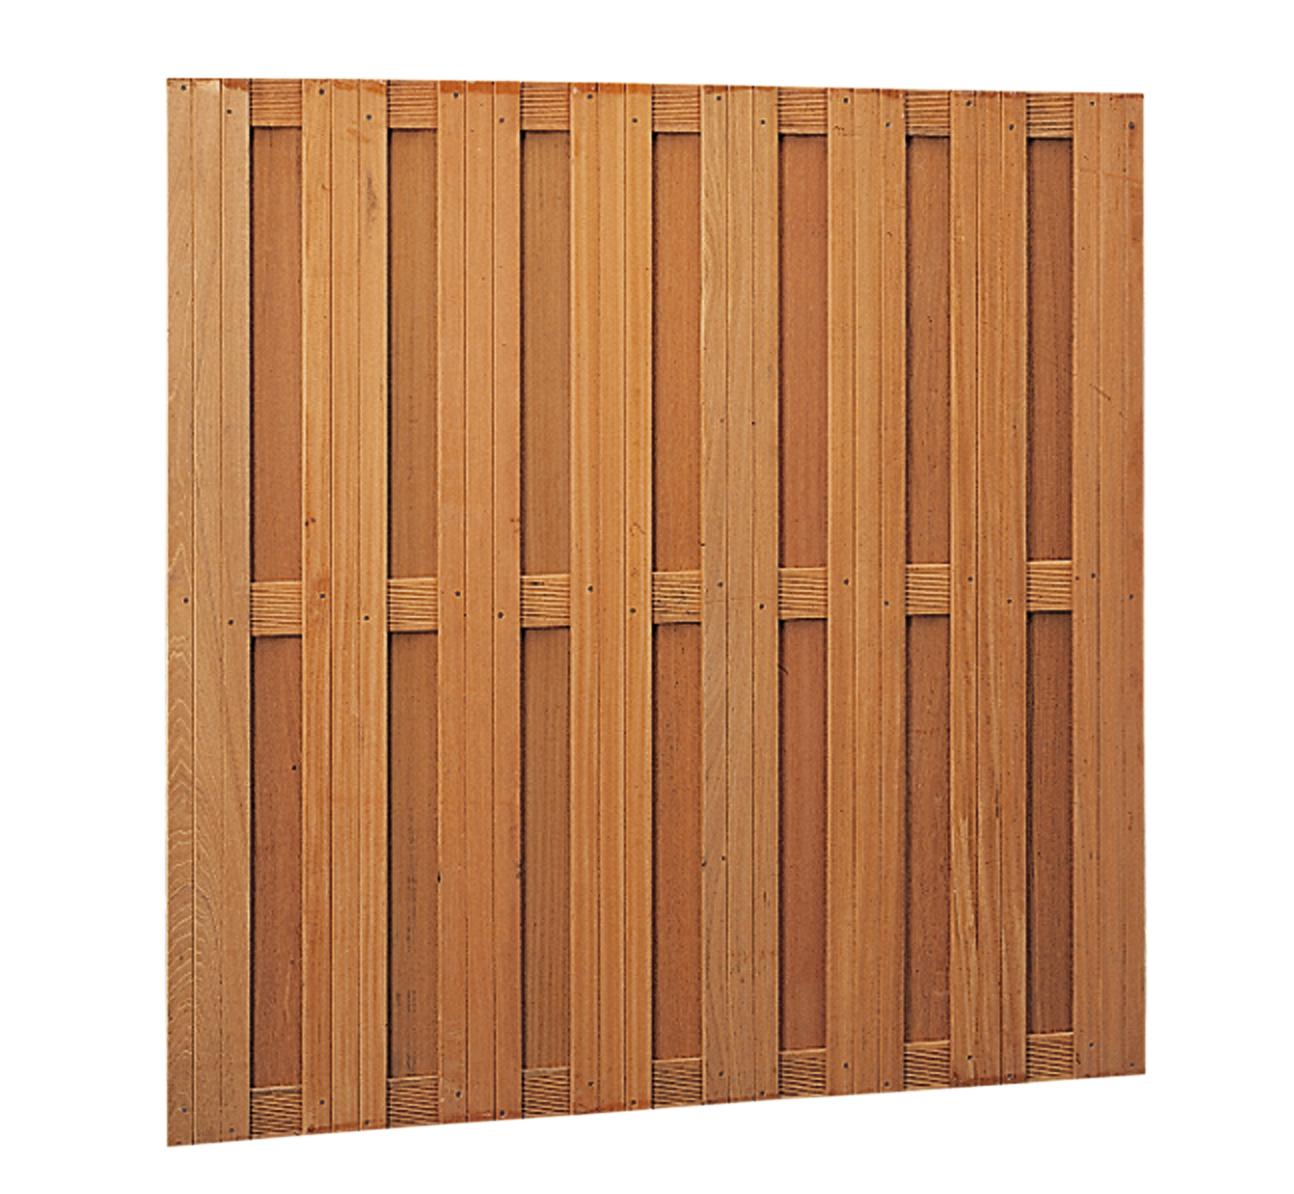 Degelijke rechte hardhouten schermen, met in het hout aangebrachte schroeven (rvs geschroefd). de schermen ...